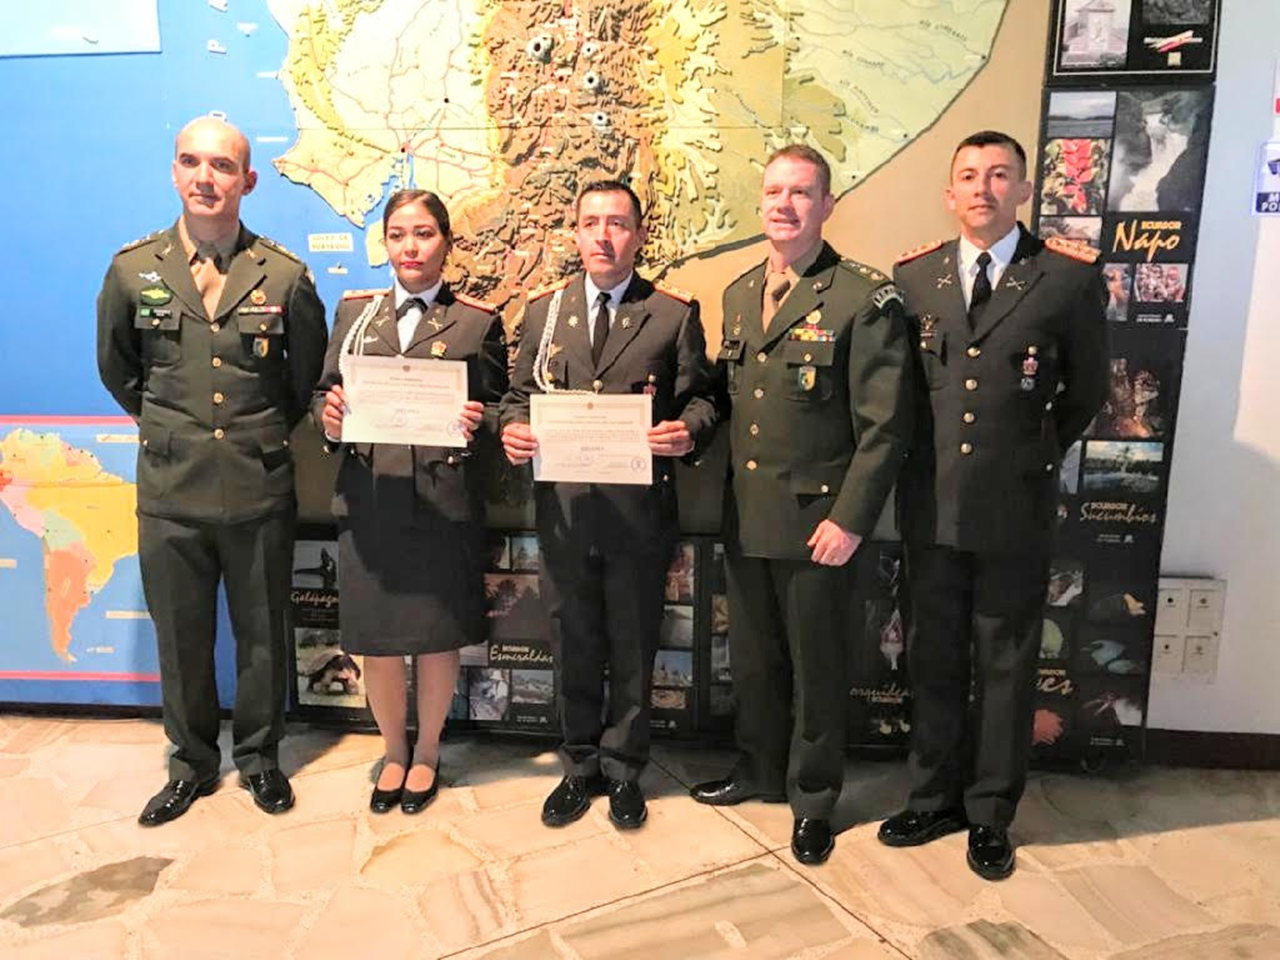 Encerramento do Curso de Oficiais Básico de Armas e Serviços 43 no Equador